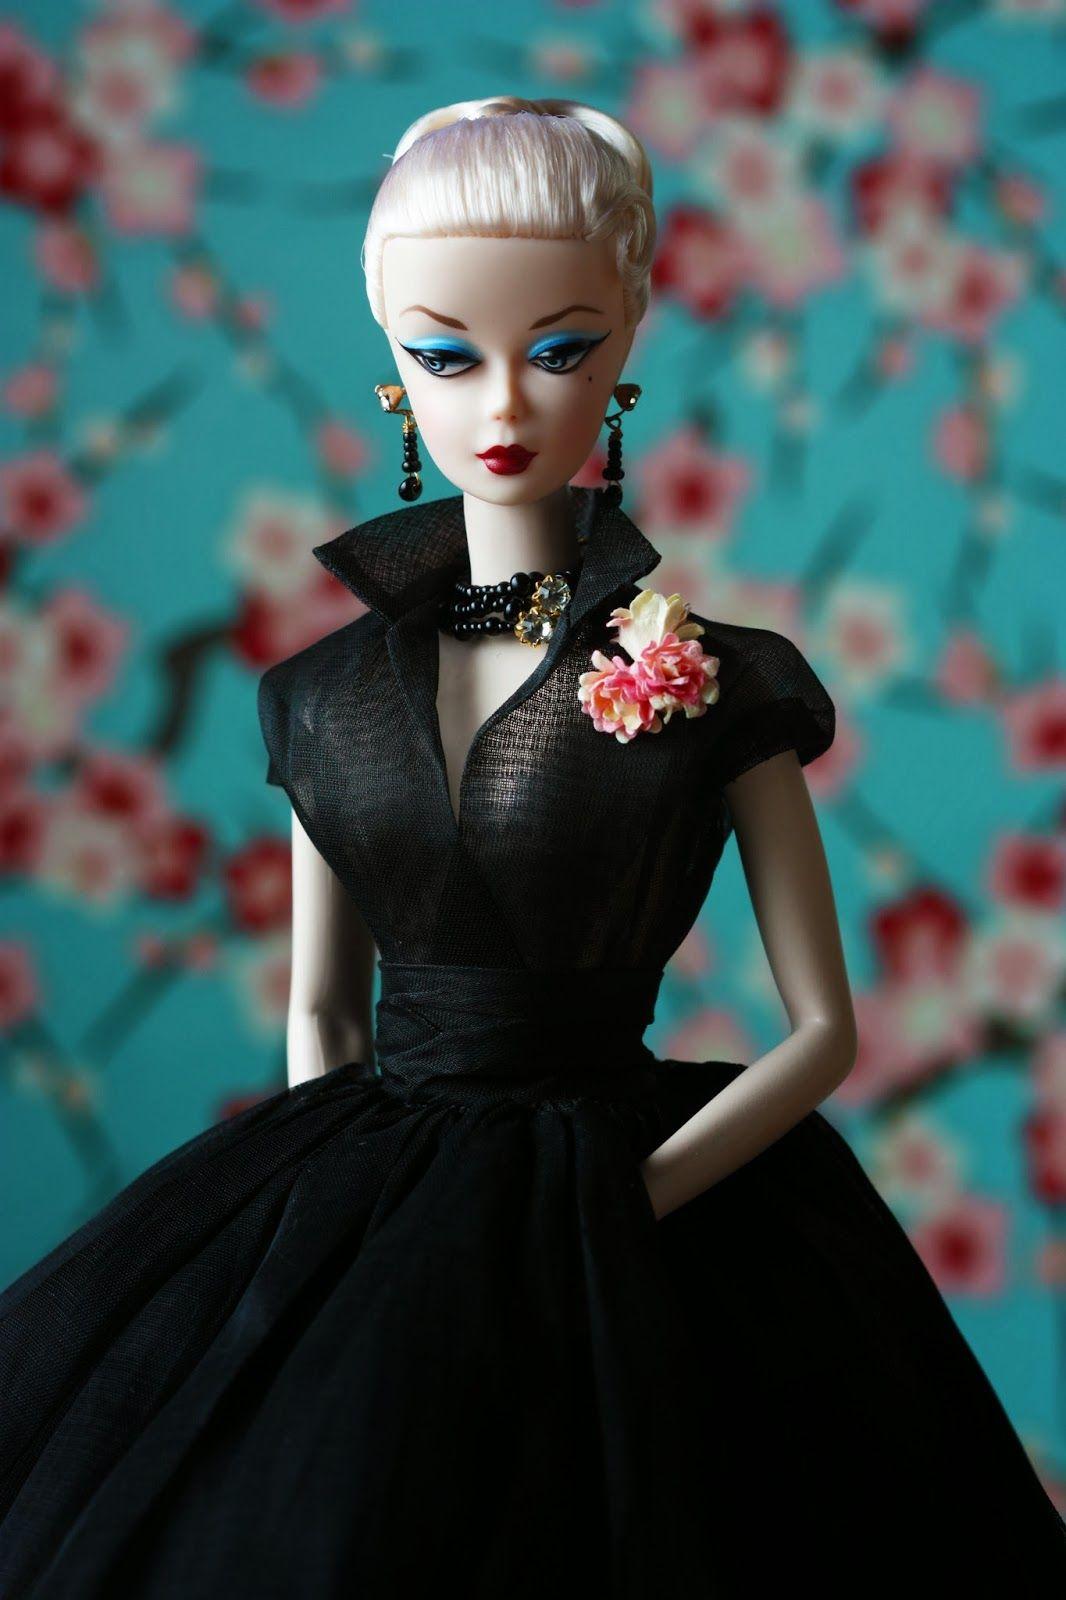 Tu tienda online vintage | Barbie, Muñecas y Ropa de barbie